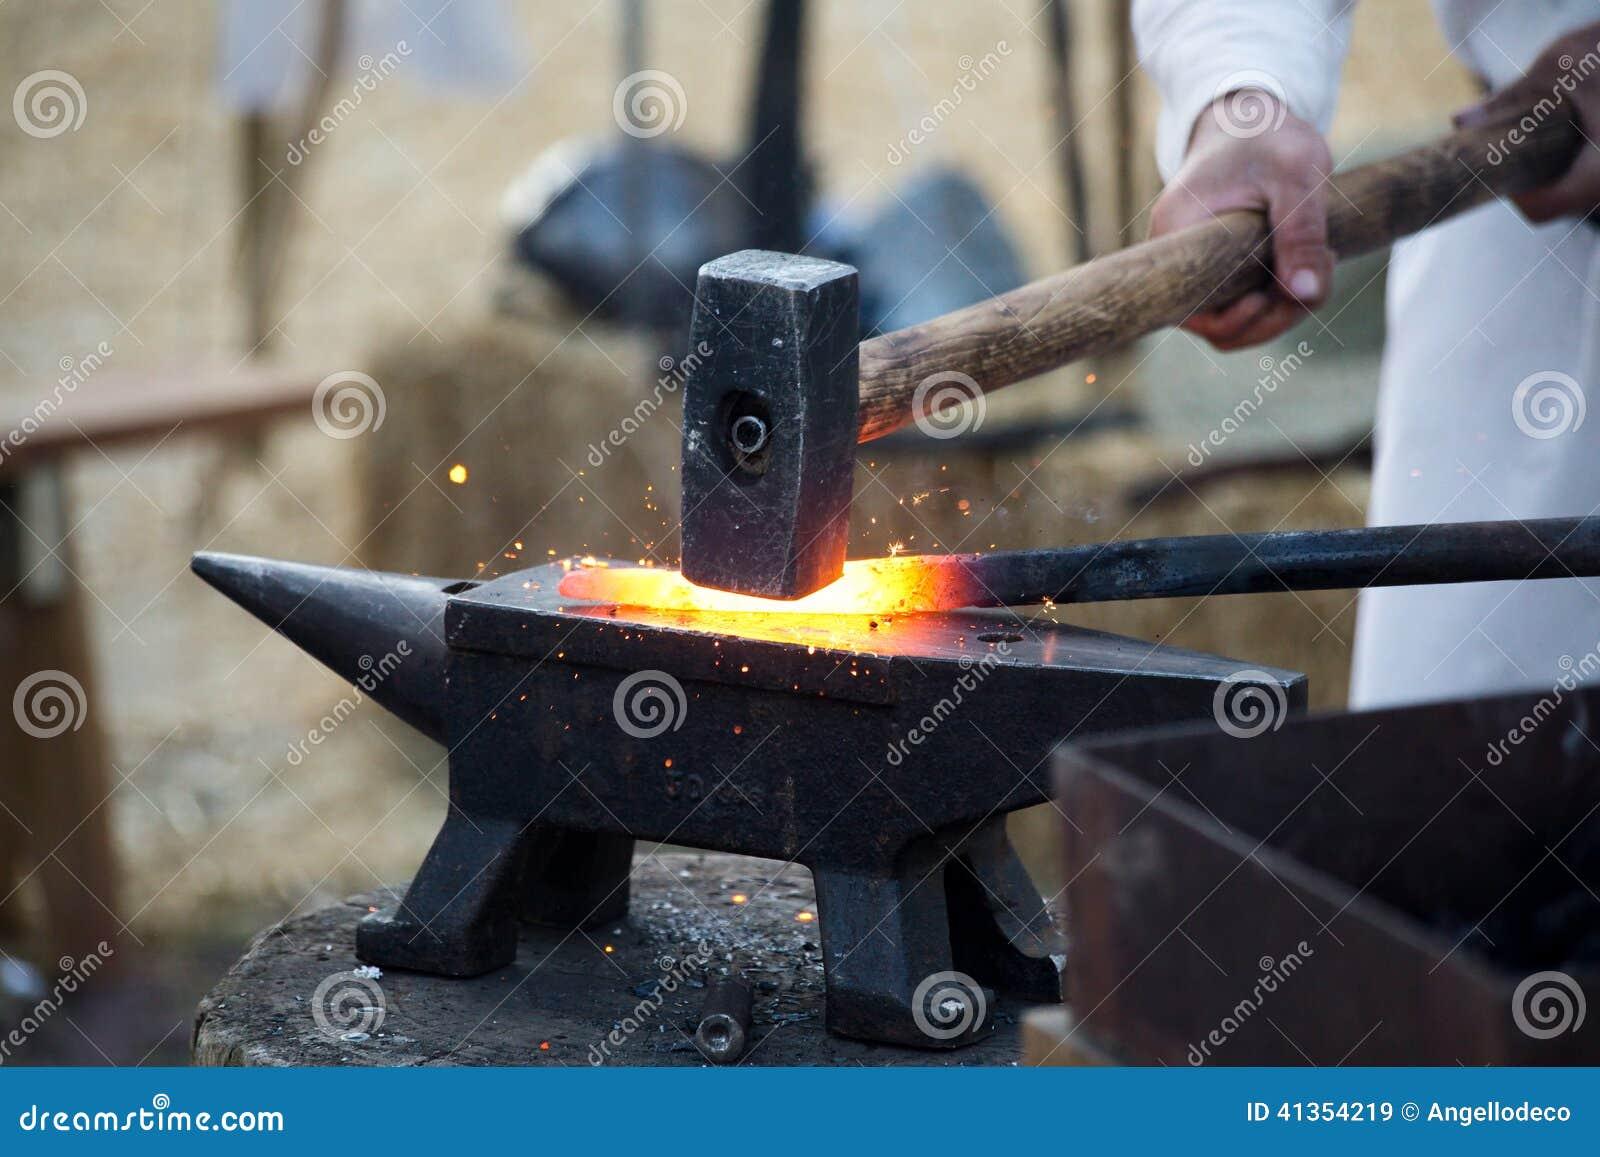 Blacksmith Working Hot Iron Stock Photo - Image: 41354219